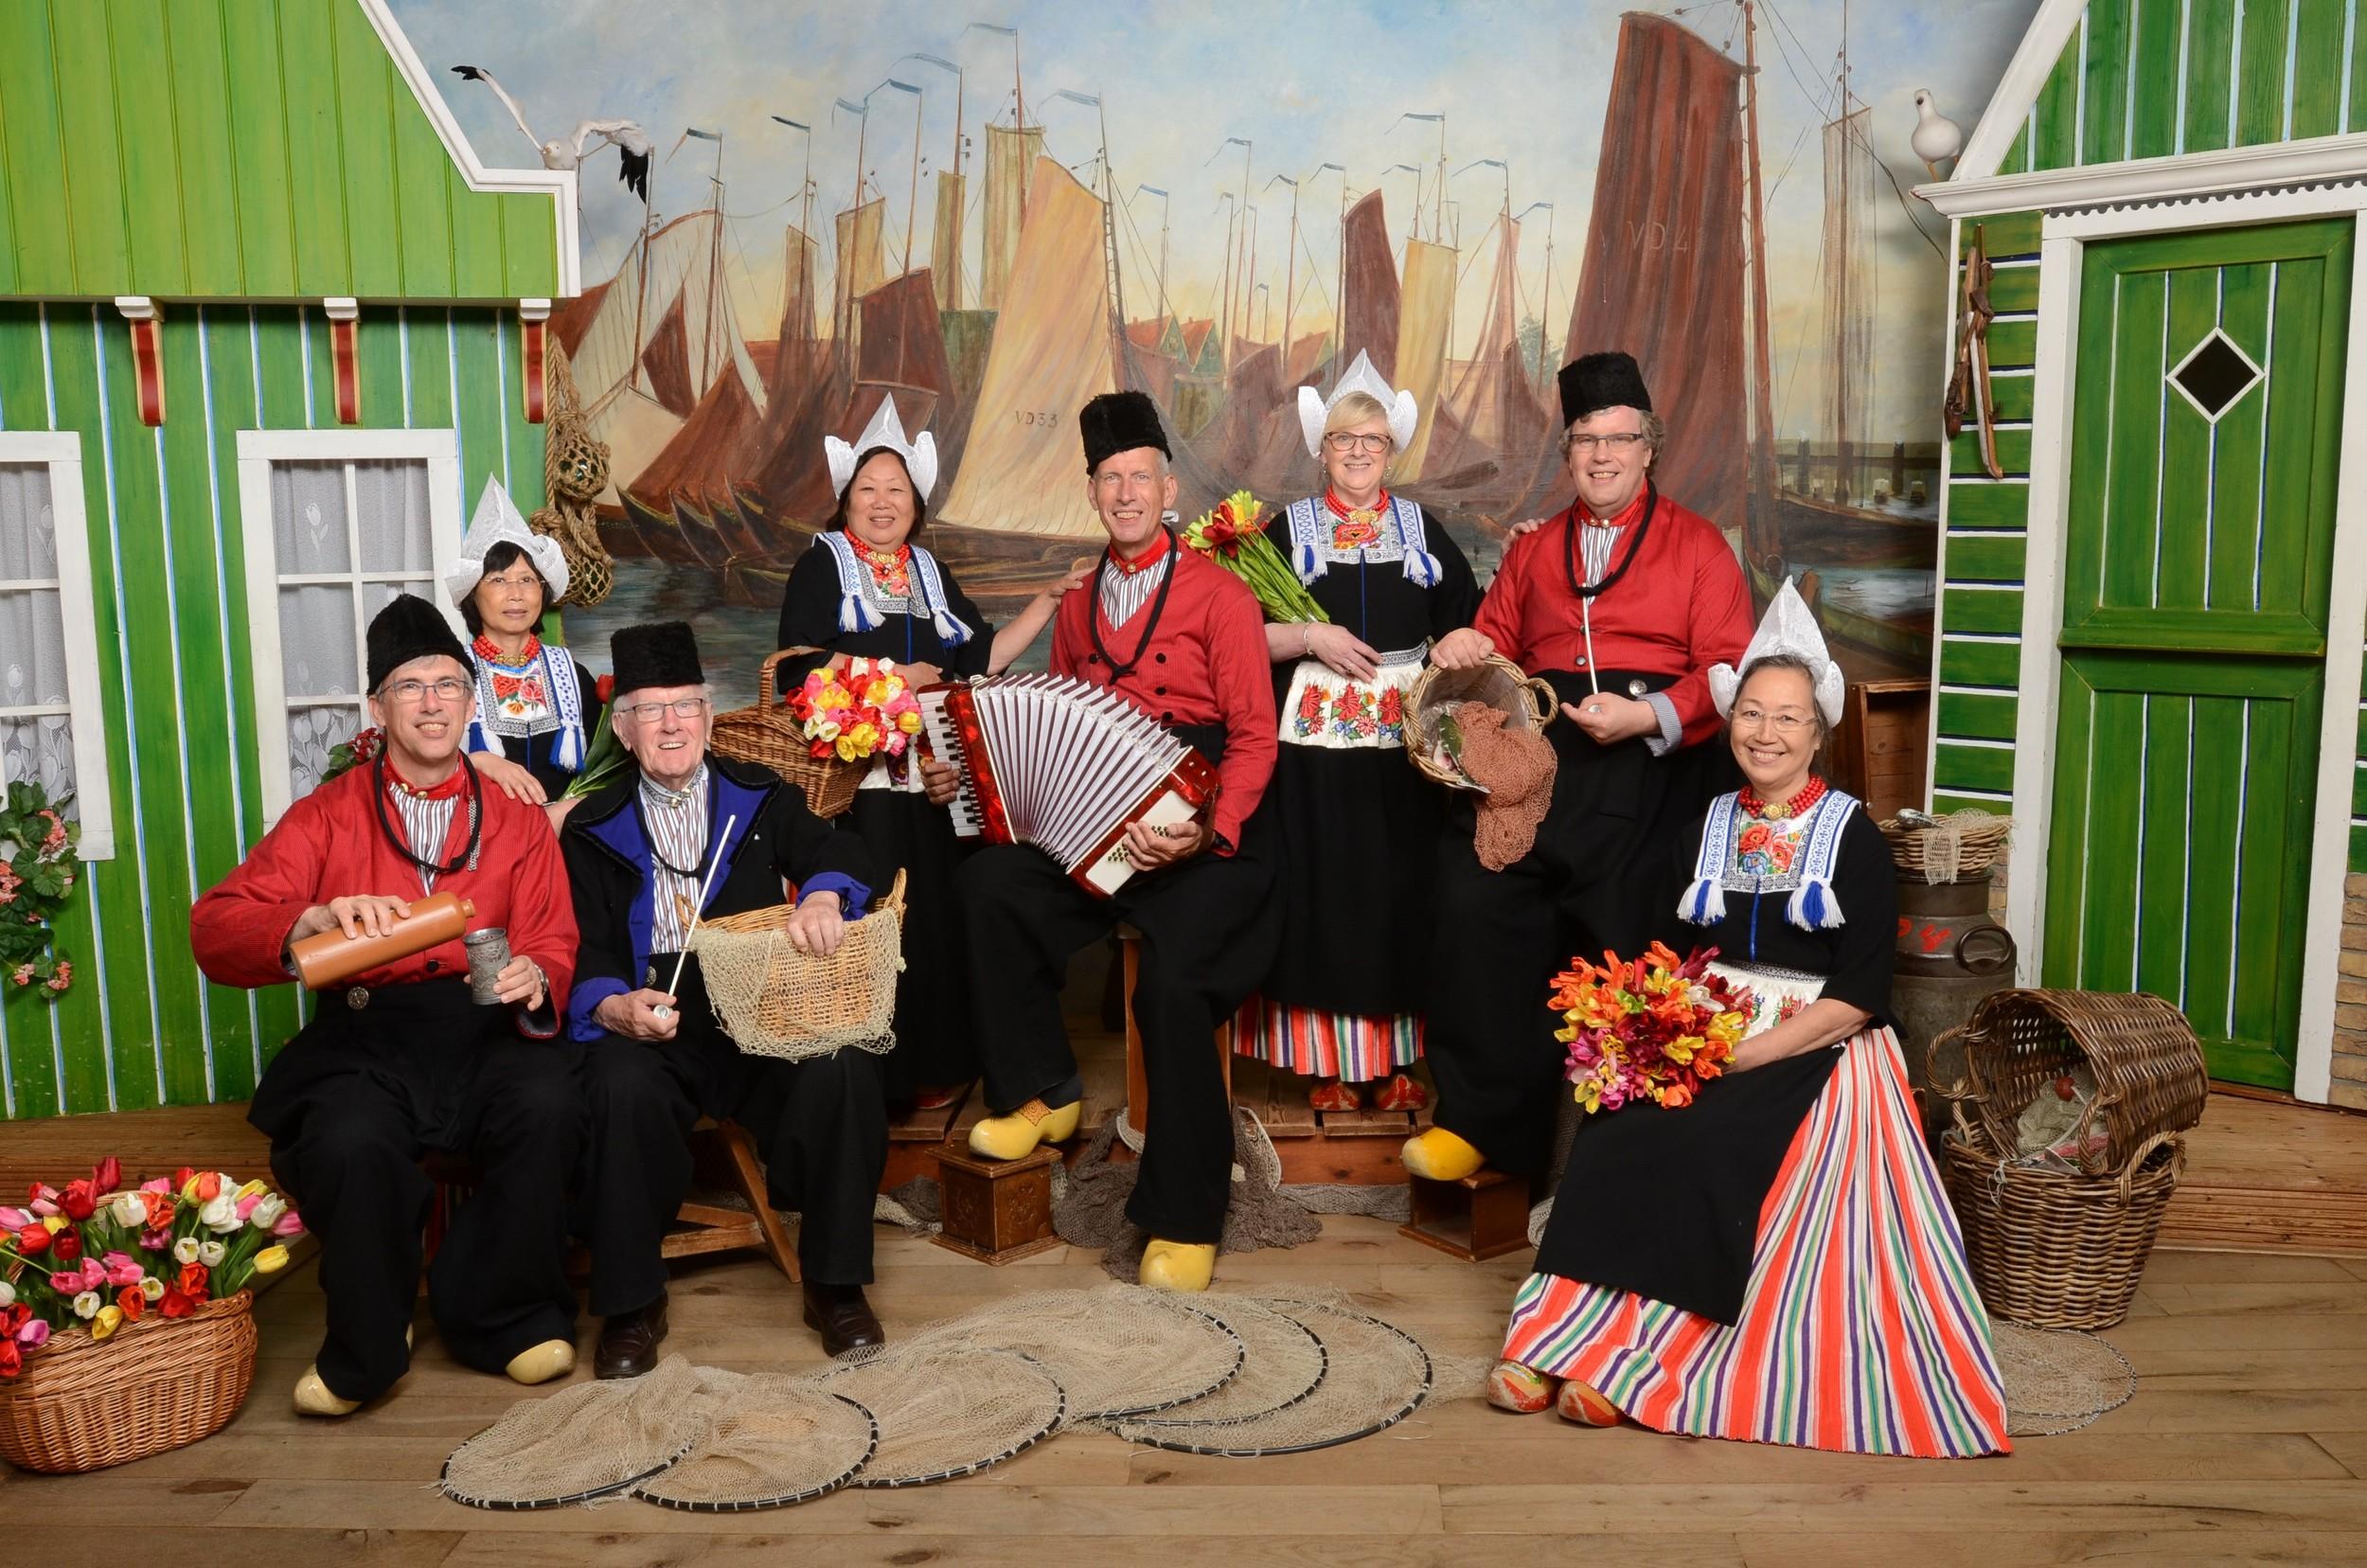 Groepen in Volendams kostuum